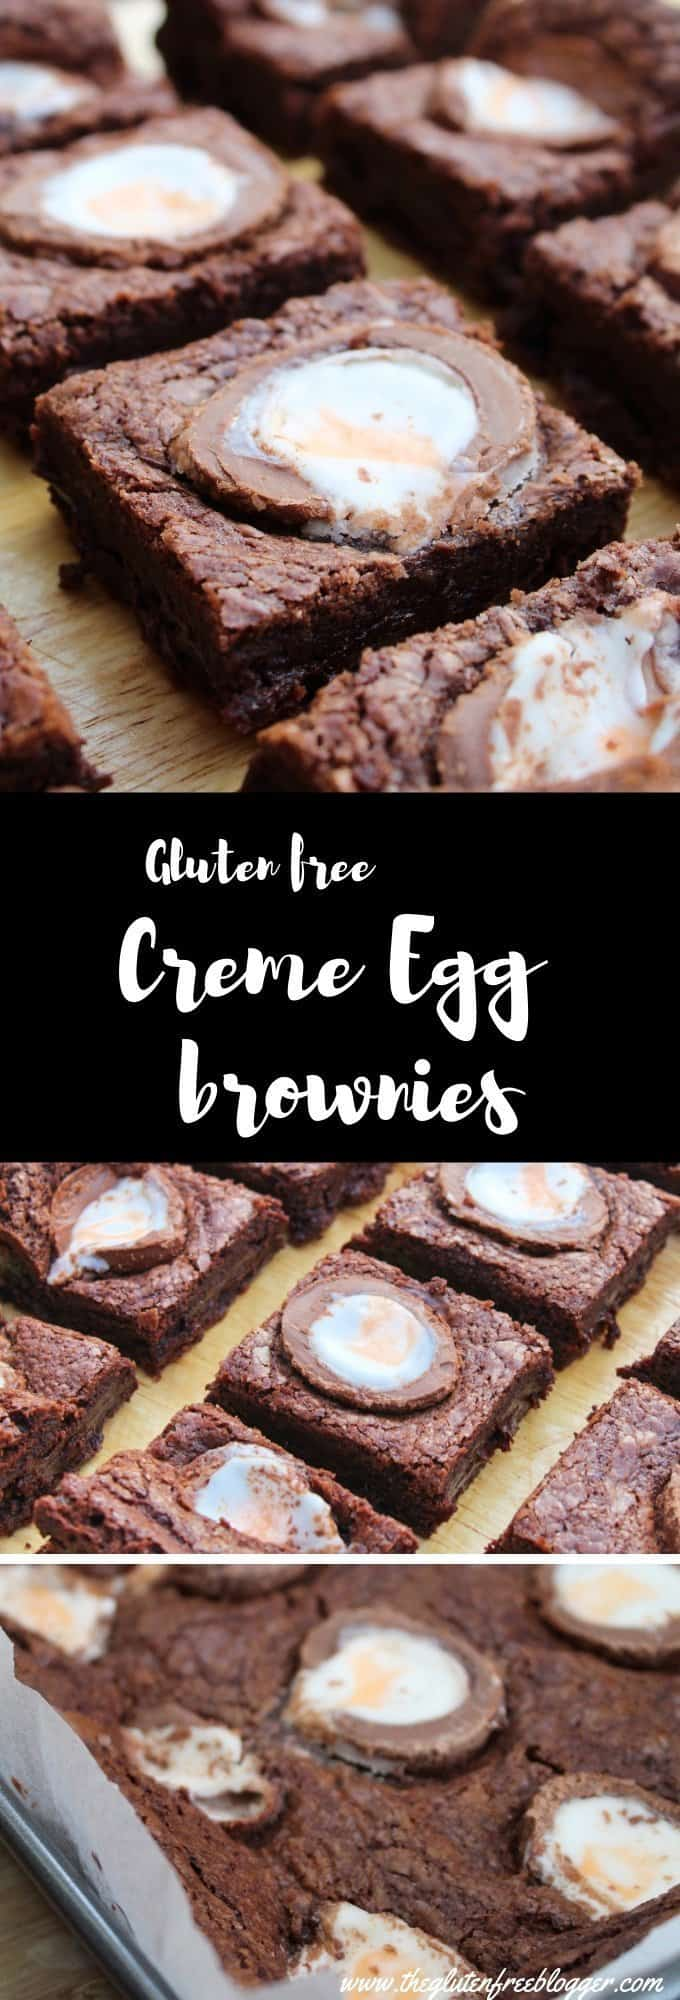 gluten free creme egg brownies recipe - desserts - coeliac - easy fudgy brownies